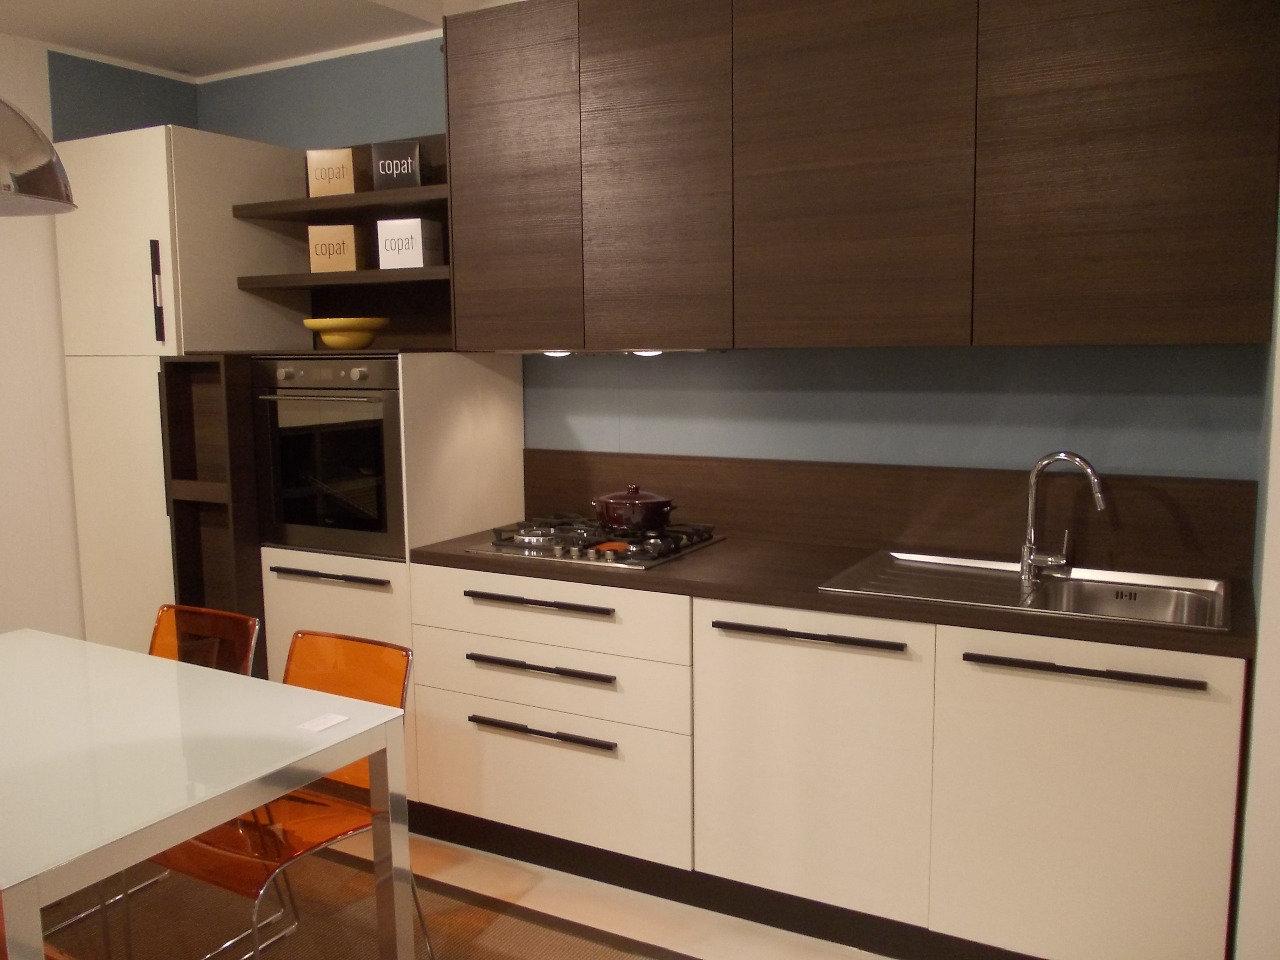 Cucina samoa di copat in laminato effetto legno completa - Cucina nera legno ...